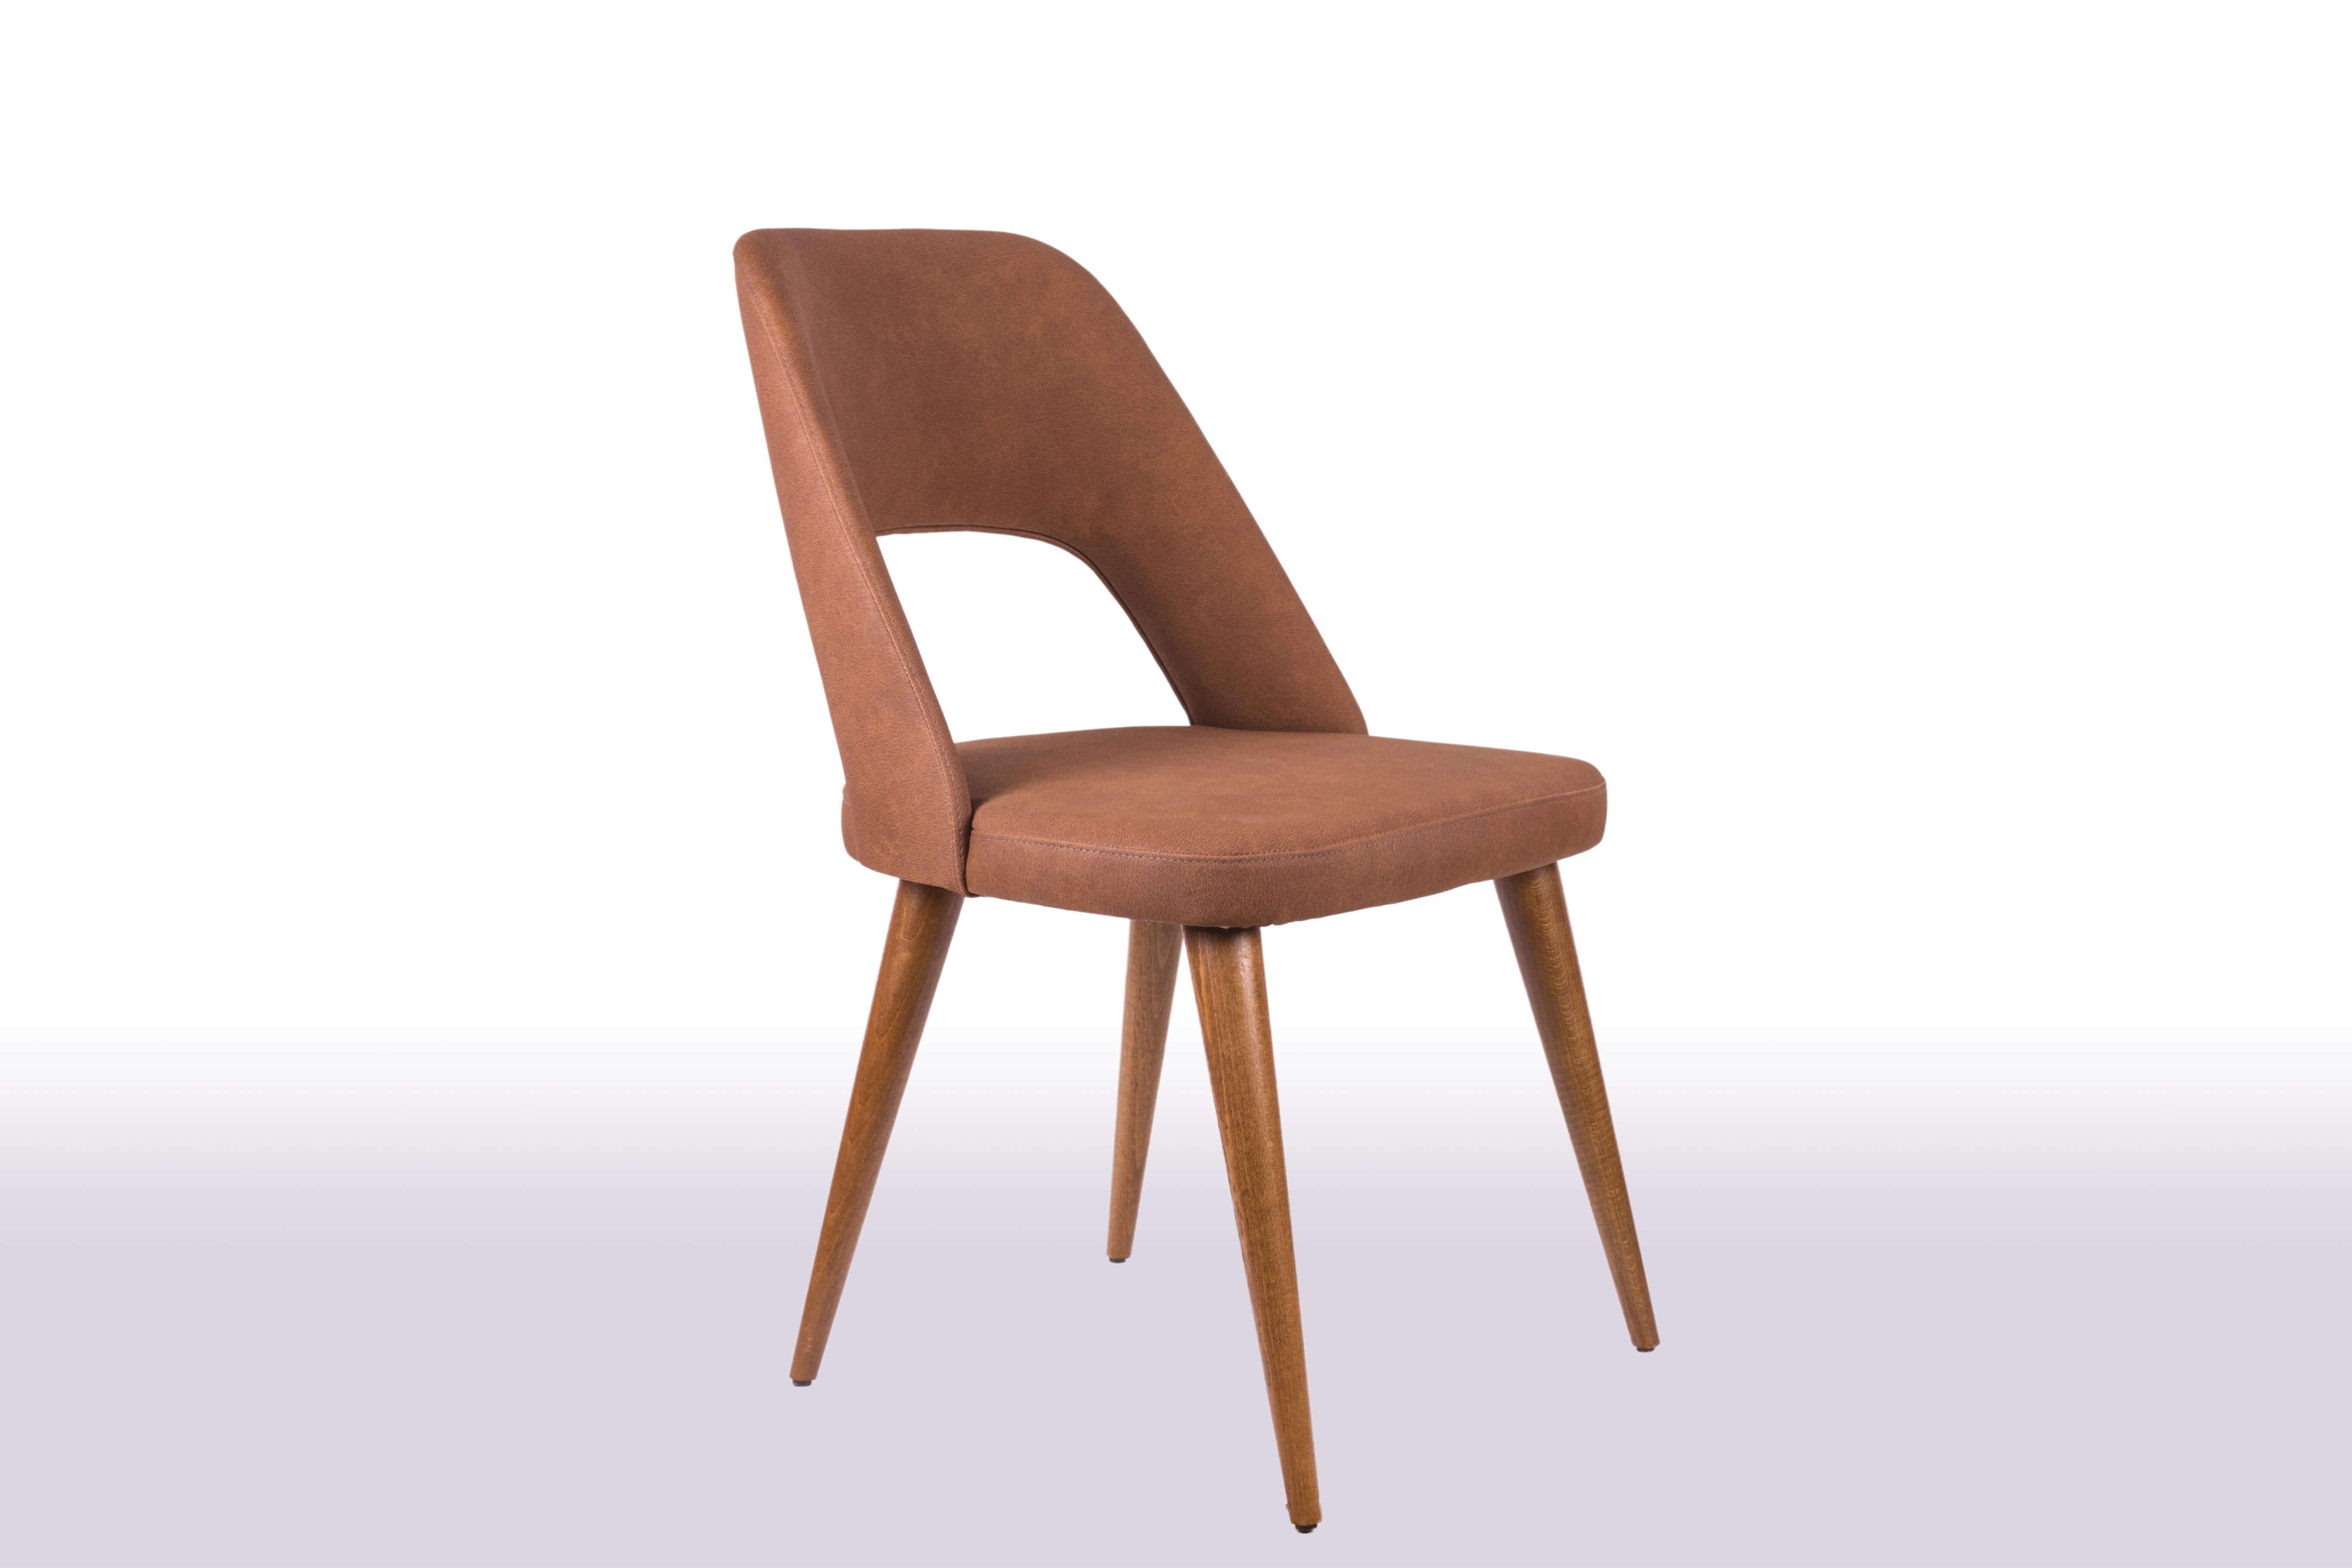 Maya Sandalye Modeli Çapraz Görünüm